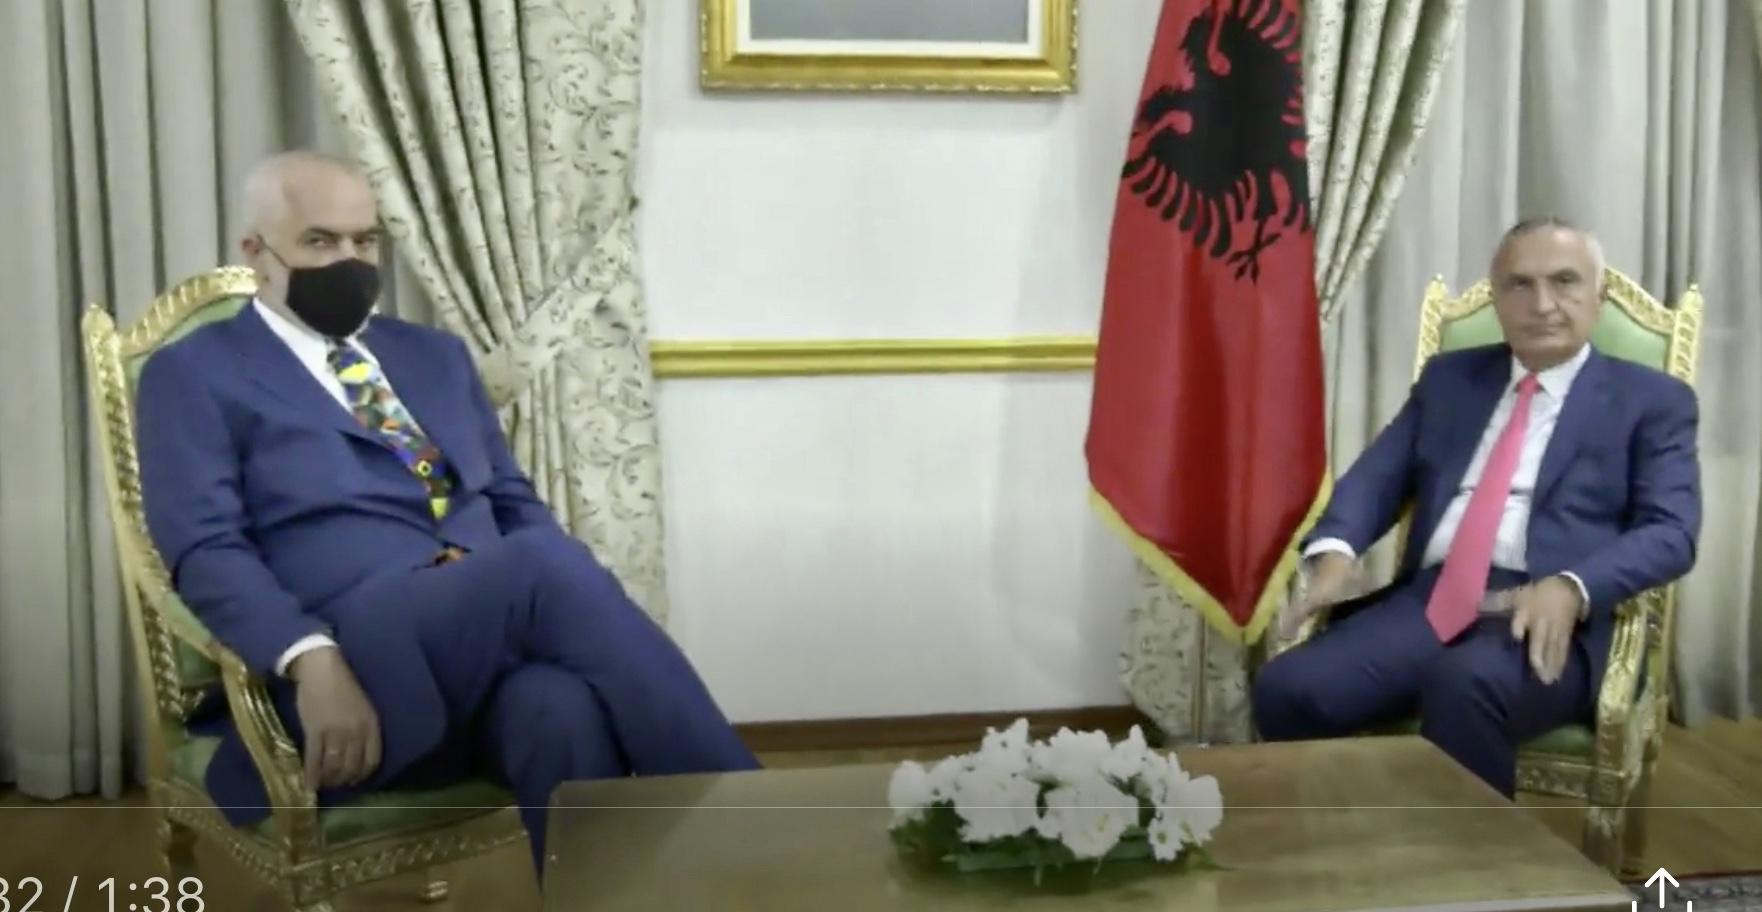 Αλβανία: Ο Meta δέχτηκε Rama και Basha για την διαβούλευση της ημερομηνίας των εκλογών